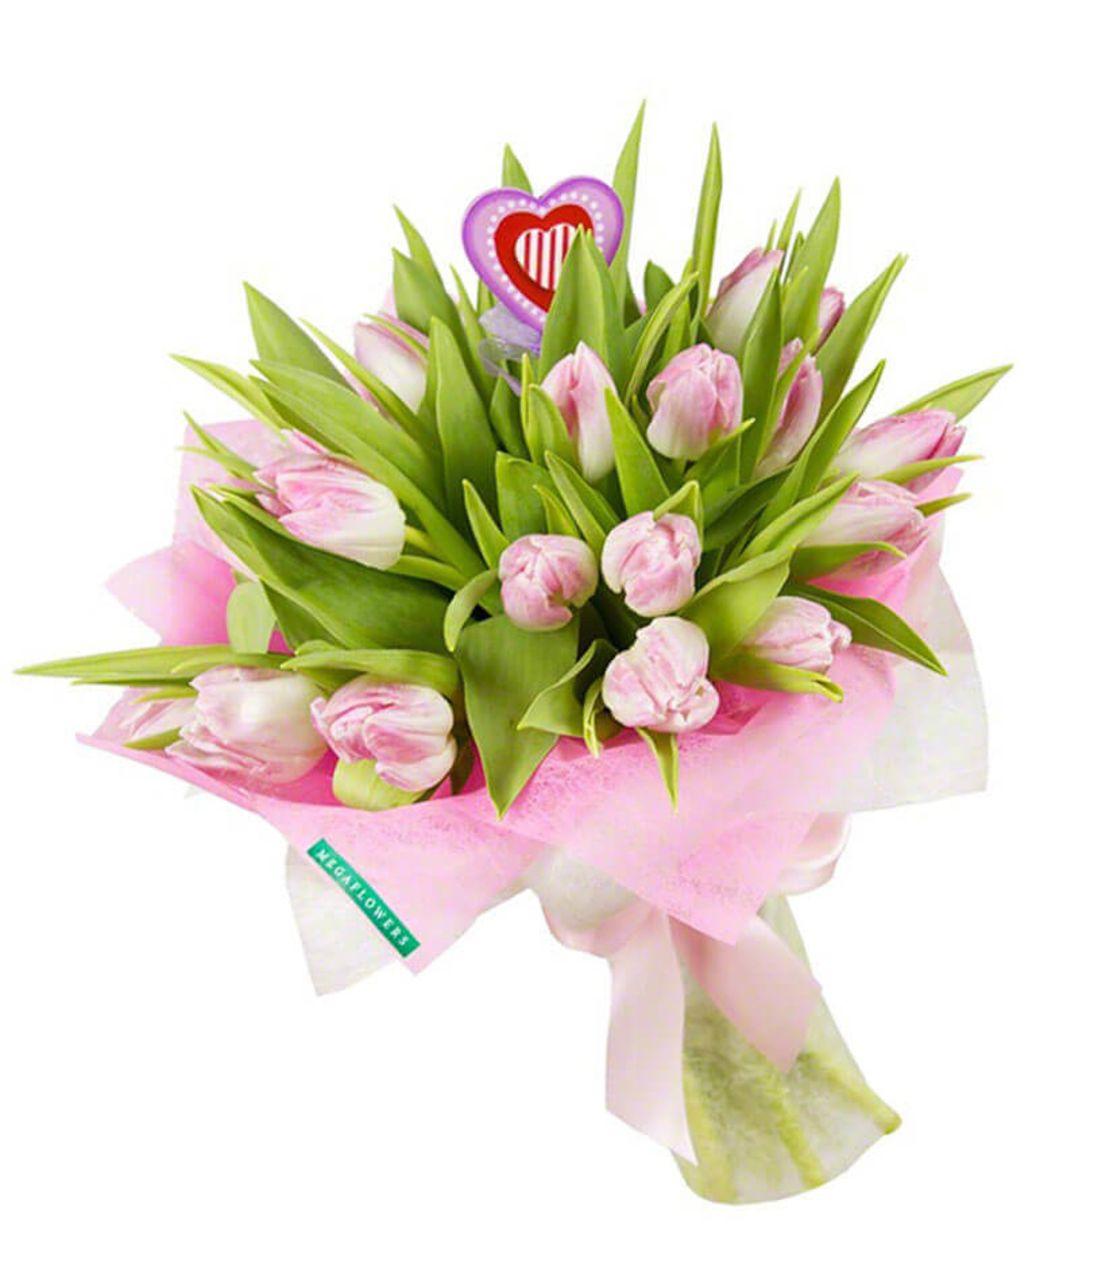 """Букет тюльпанов """"Блаженство"""". Superflowers.com.ua"""